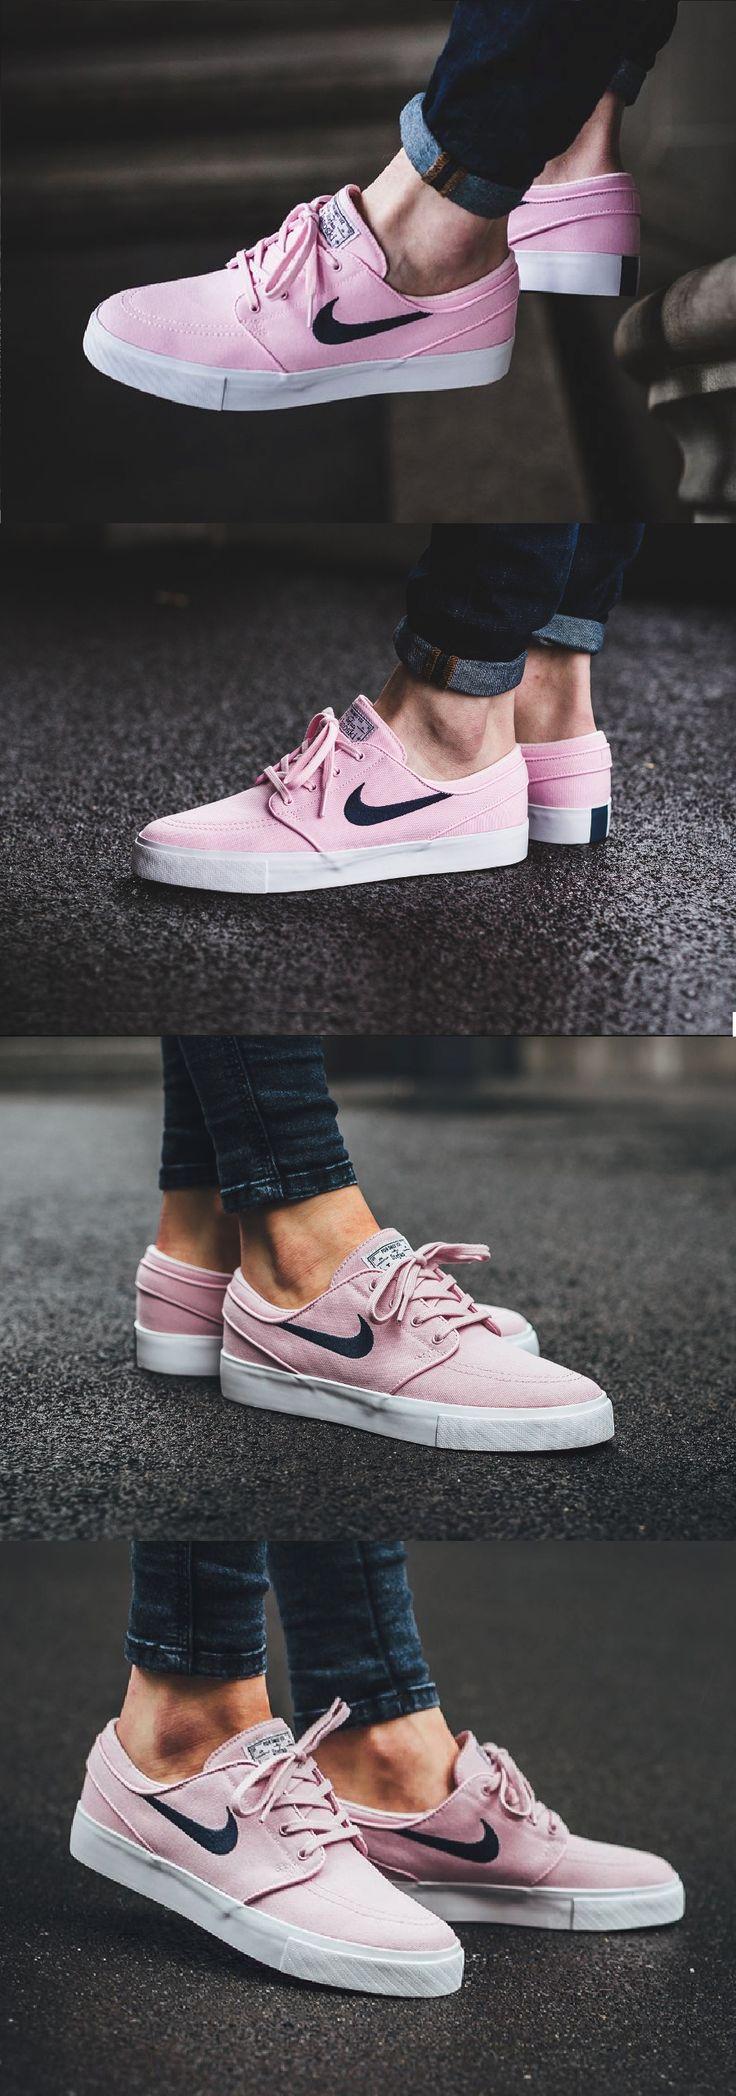 #Nike #SB #Janoski #Prism #Pink